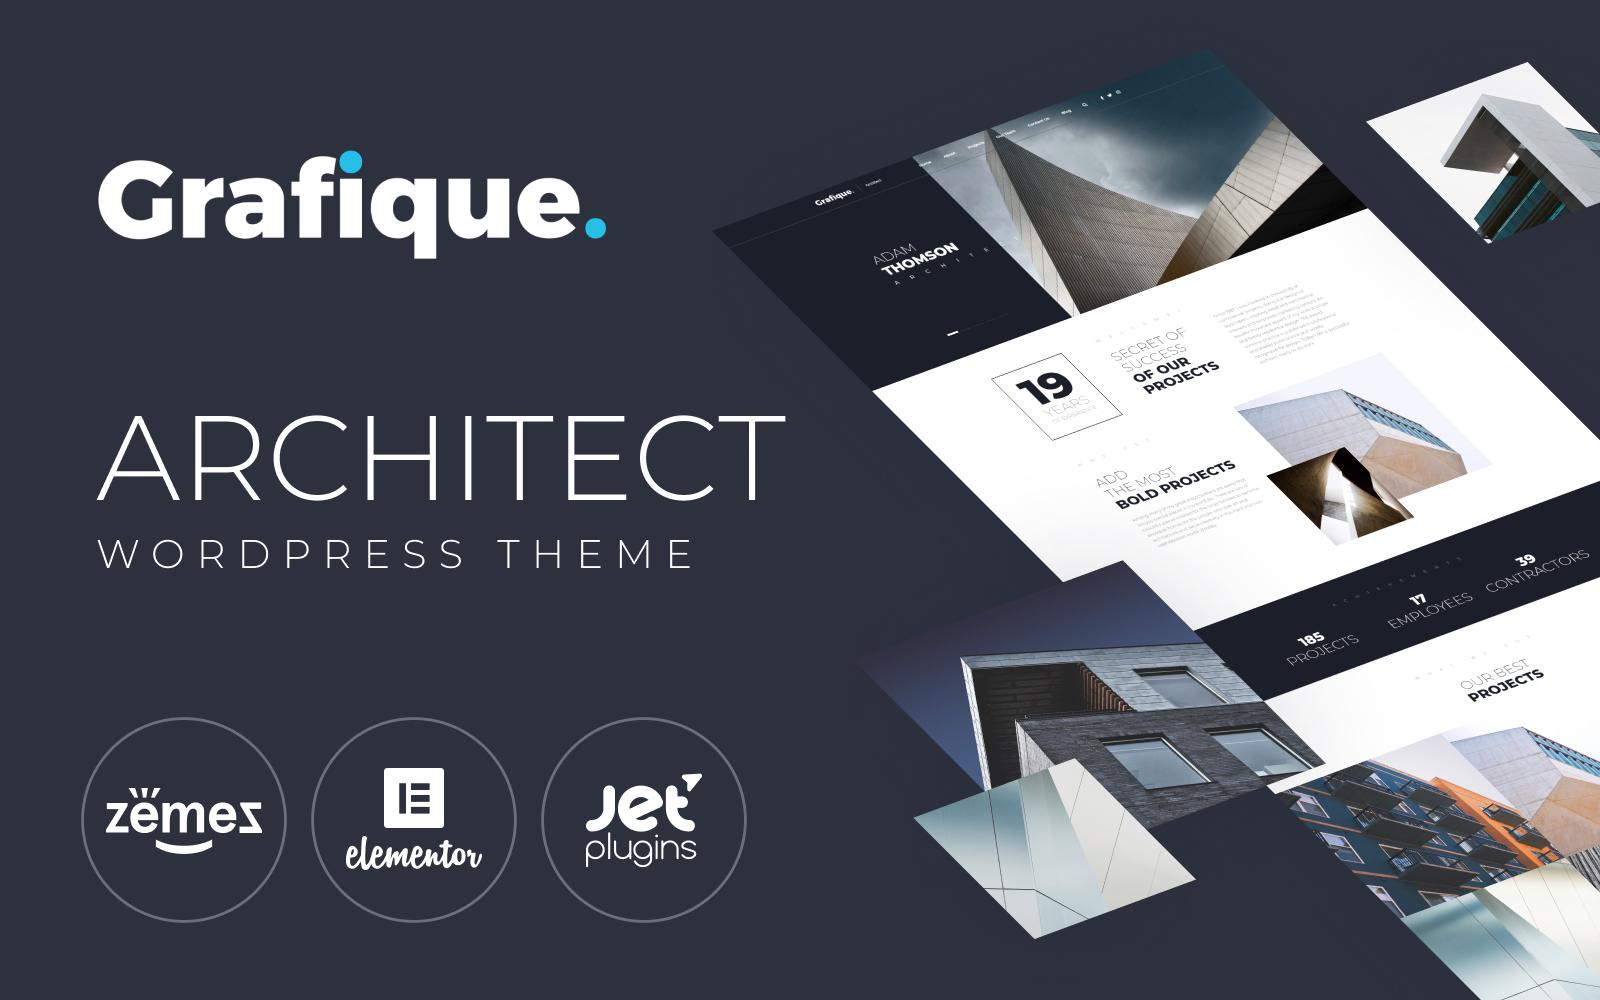 Responsivt Grafique - Architect WordPress-tema #66049